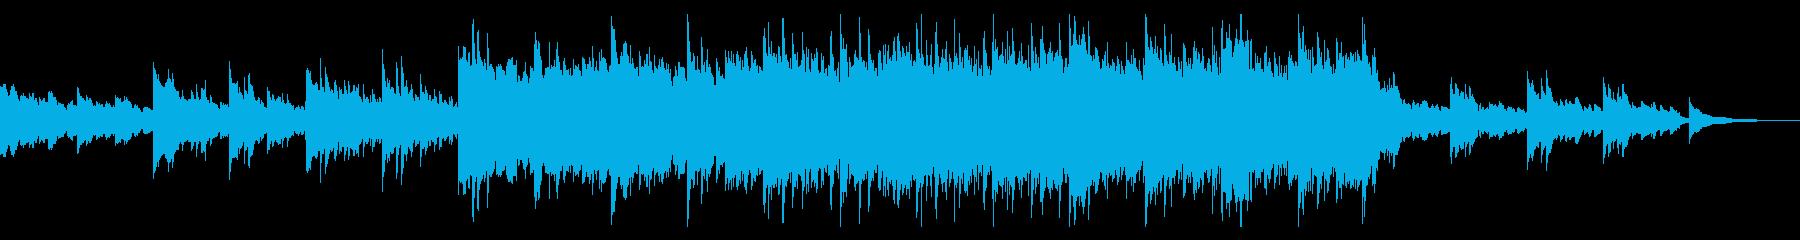 切なくゆったりしたテンポのピアノサウンドの再生済みの波形